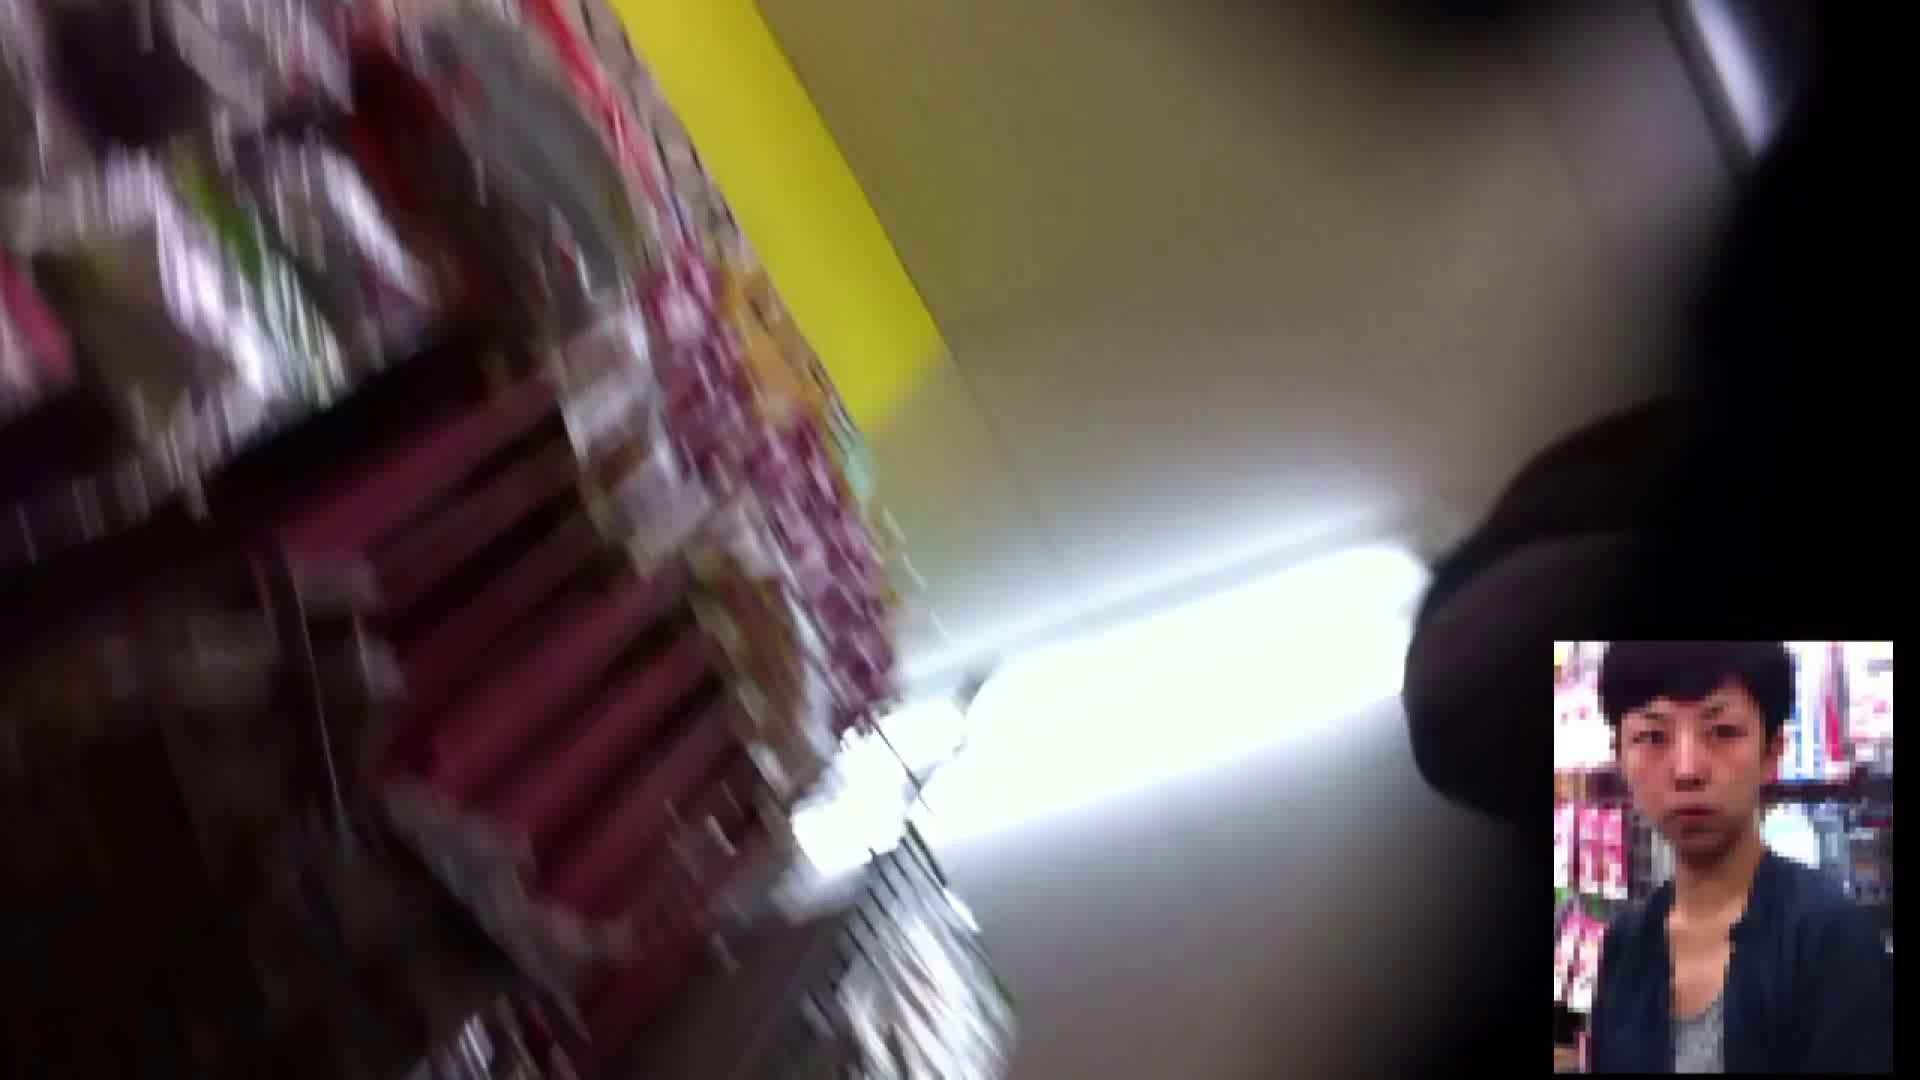 ガールズパンチラストリートビューVol.044 OLの実態 盗撮オマンコ無修正動画無料 66pic 26